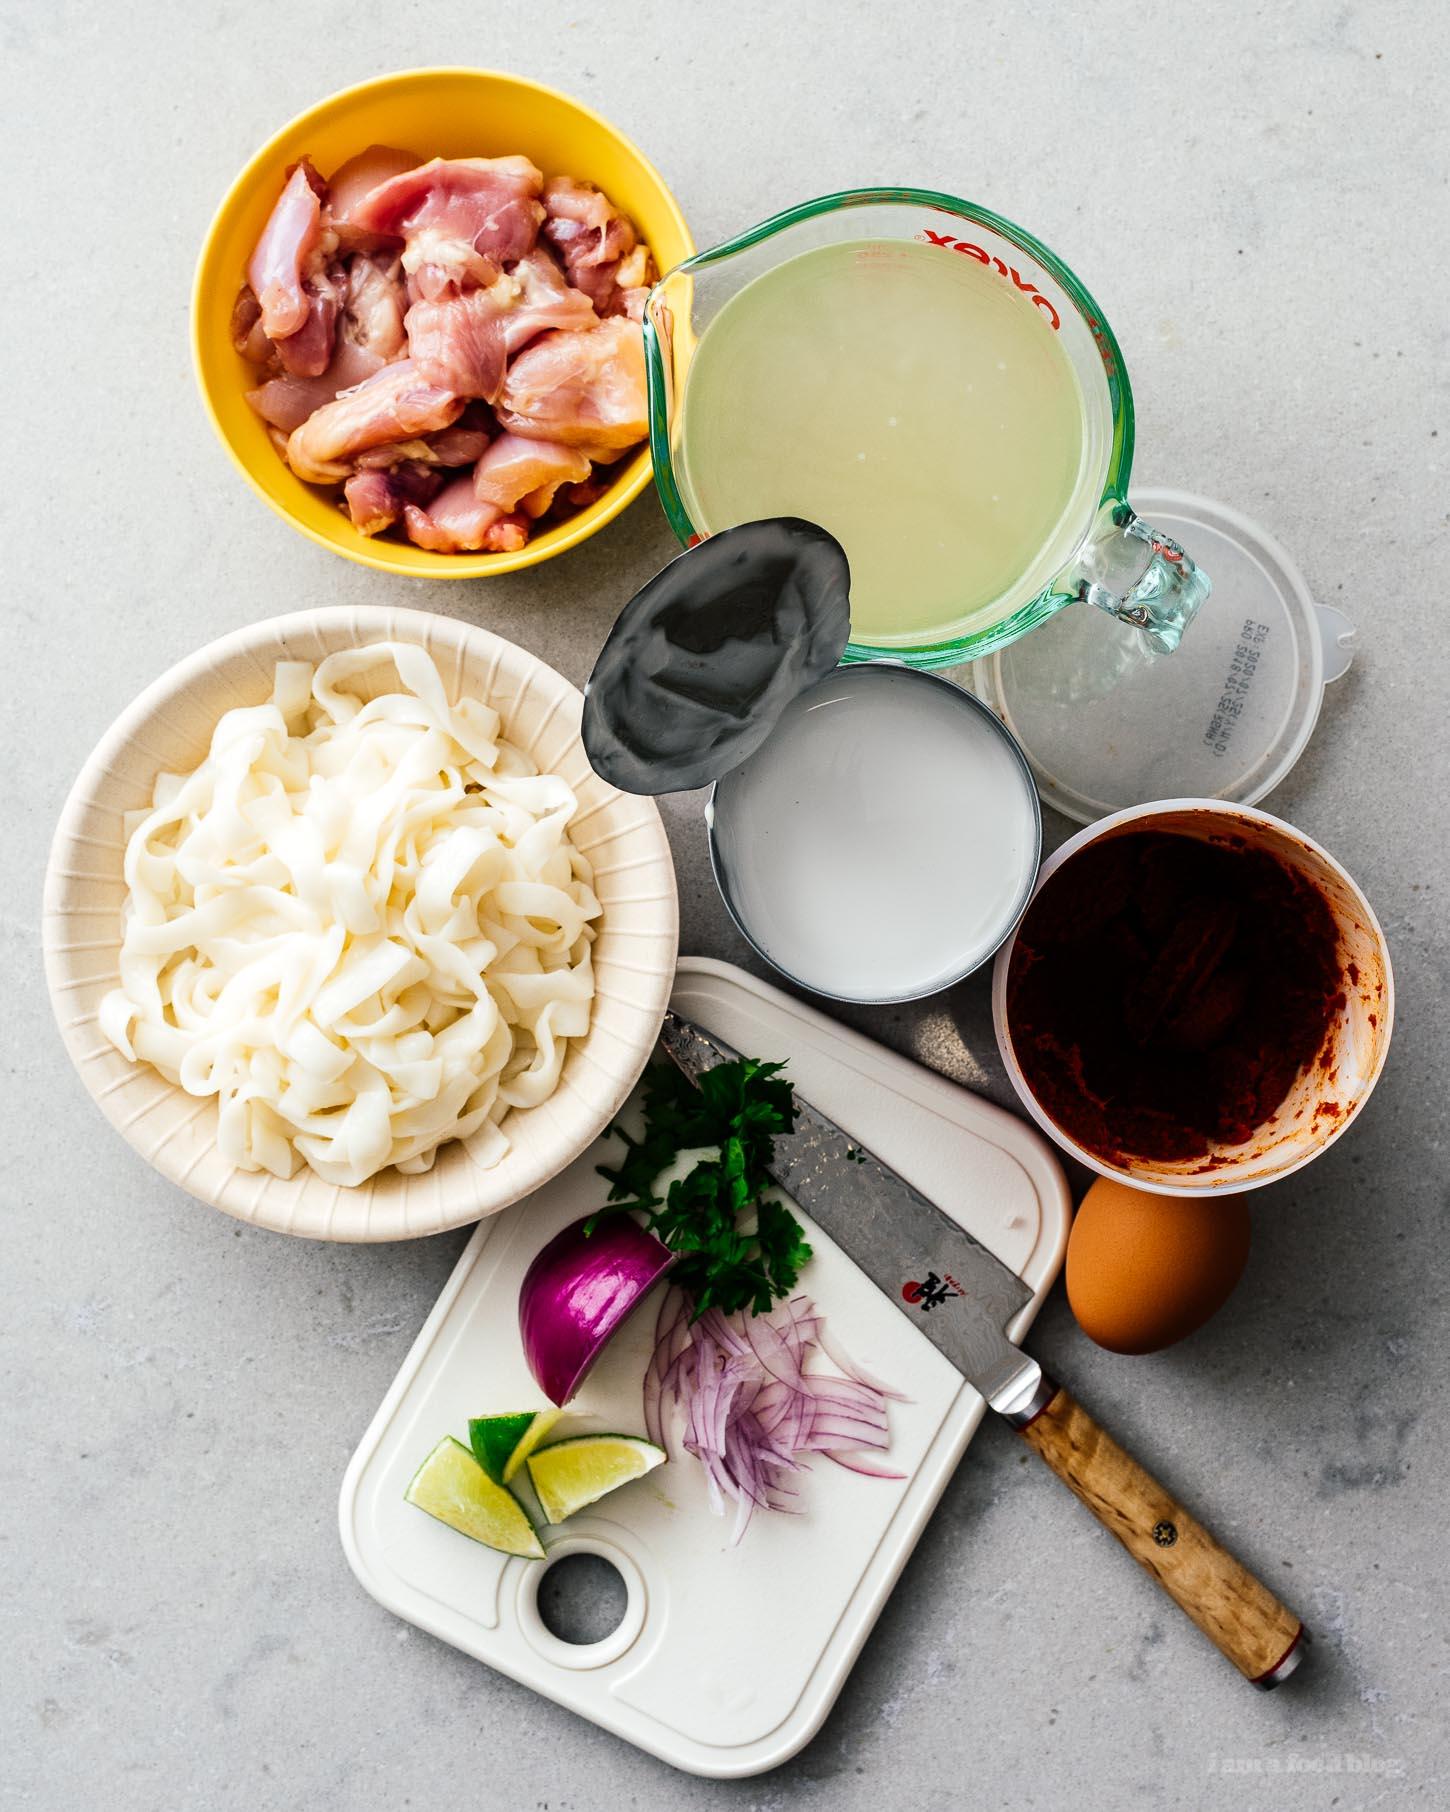 low carb keto-friendly thai red curry shirataki noodle soup #soup #thai #recipes #shirataki #curry #keto #lowcarb #keto recipes